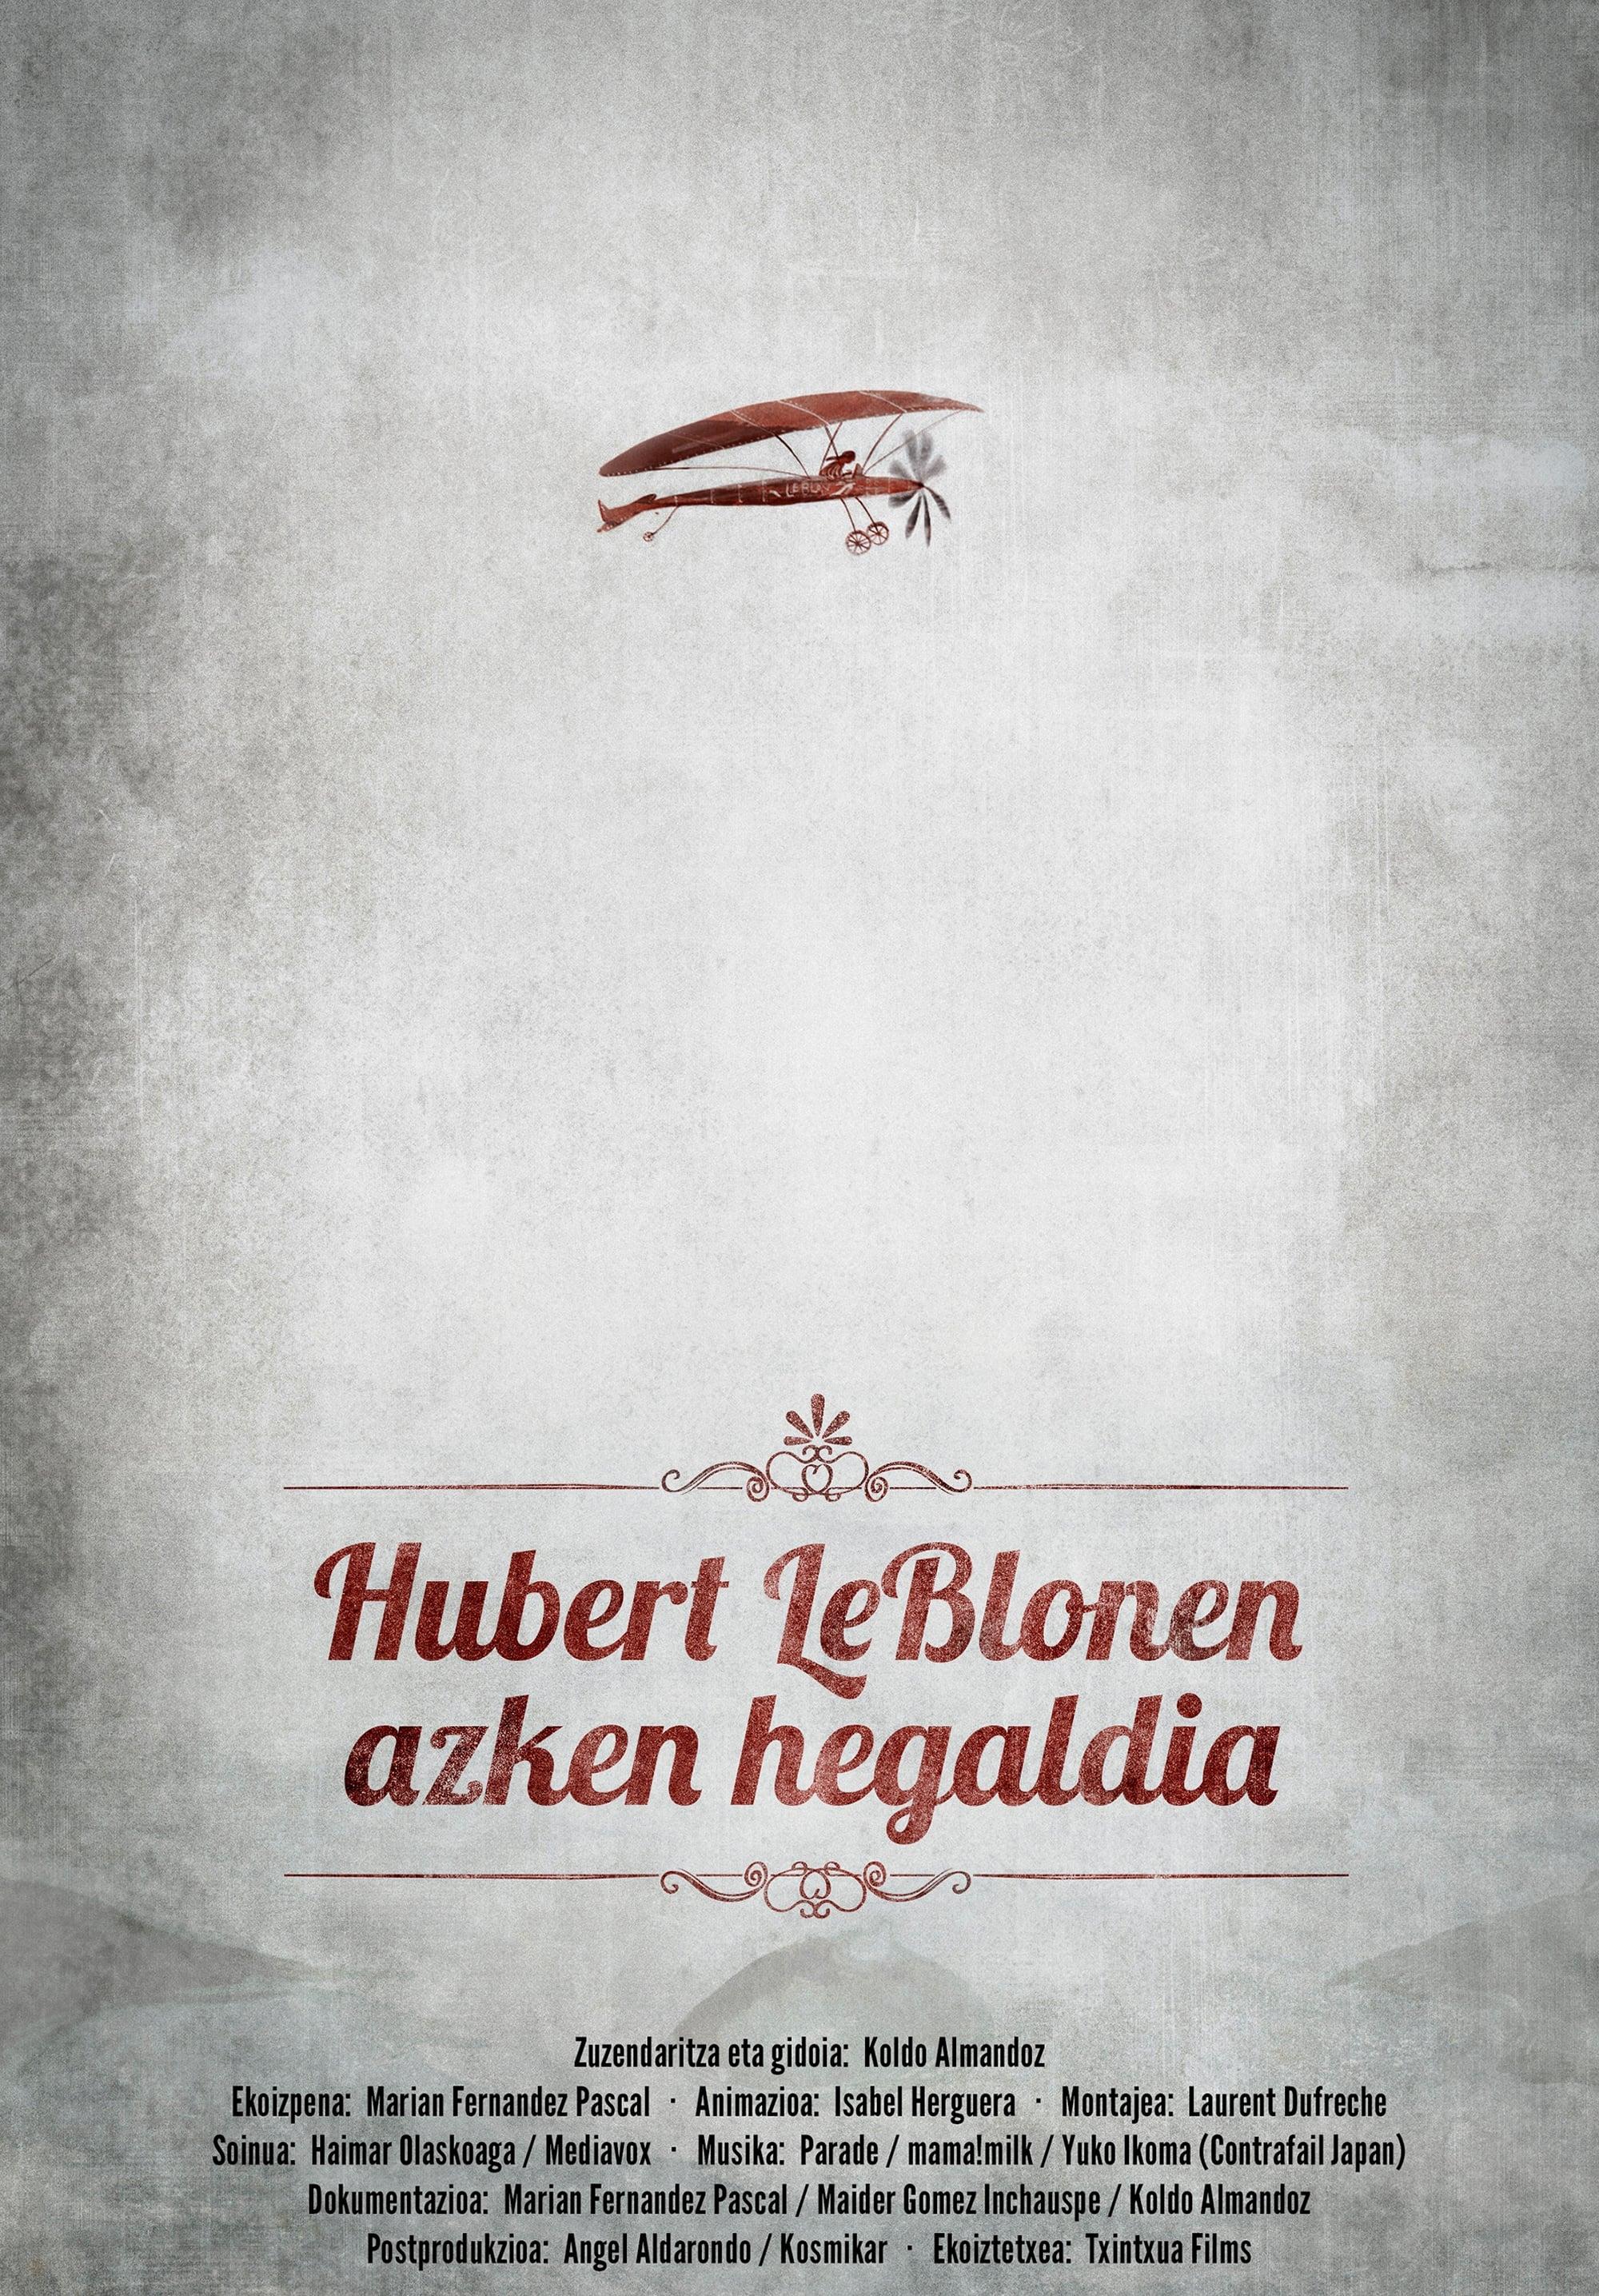 Hubert Le Blon's Last Flight